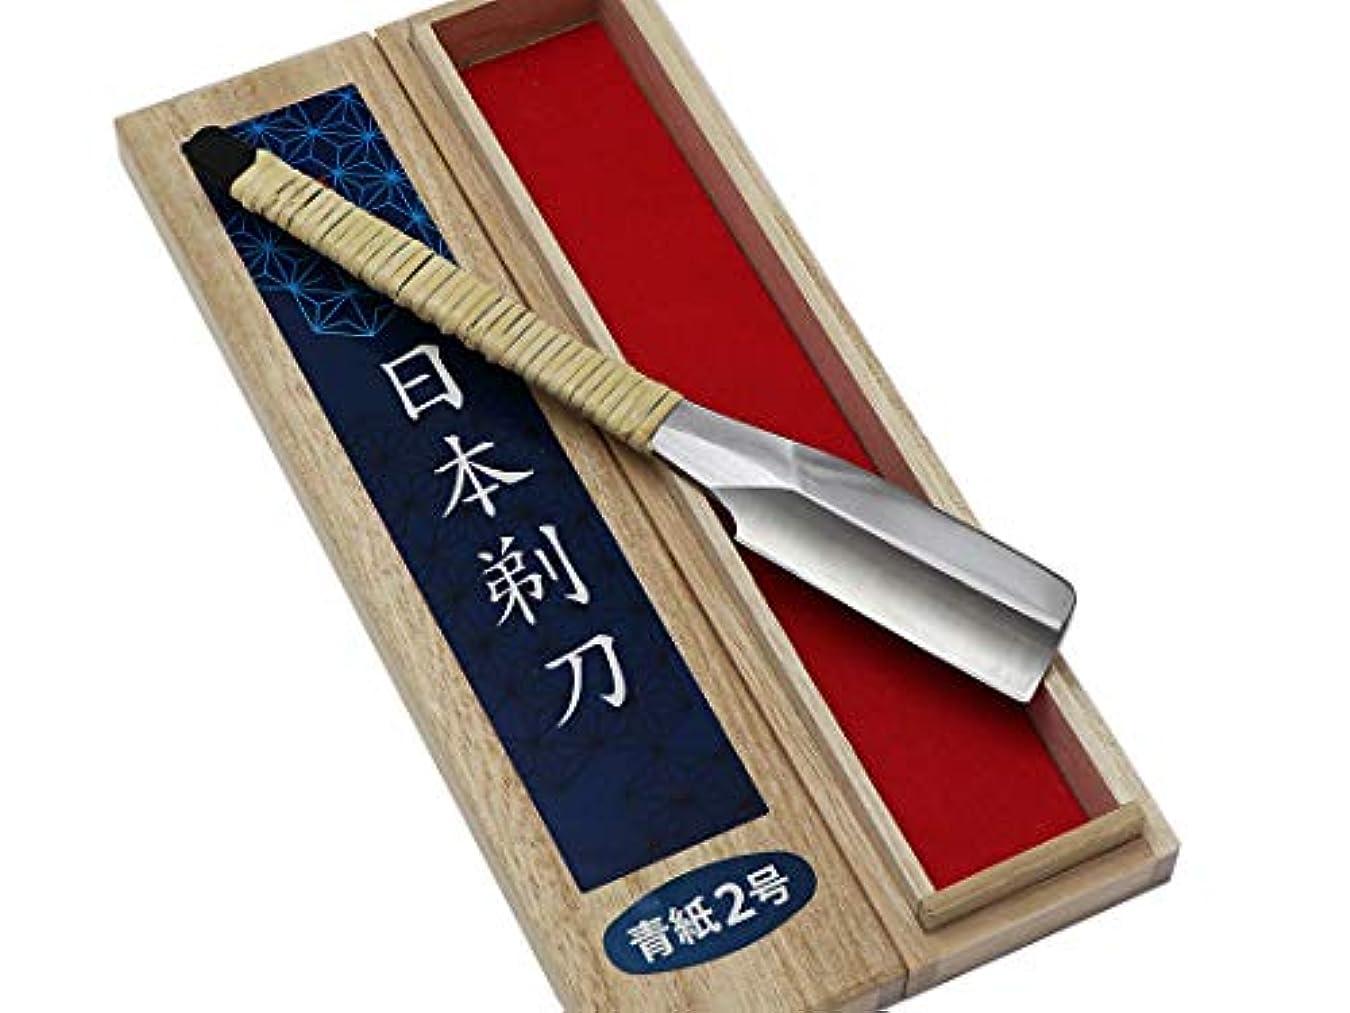 適応する何故なのカレンダー播州打ち刃物 兼長作 日本剃刀(にほんかみそり) 青二鋼 桐箱入